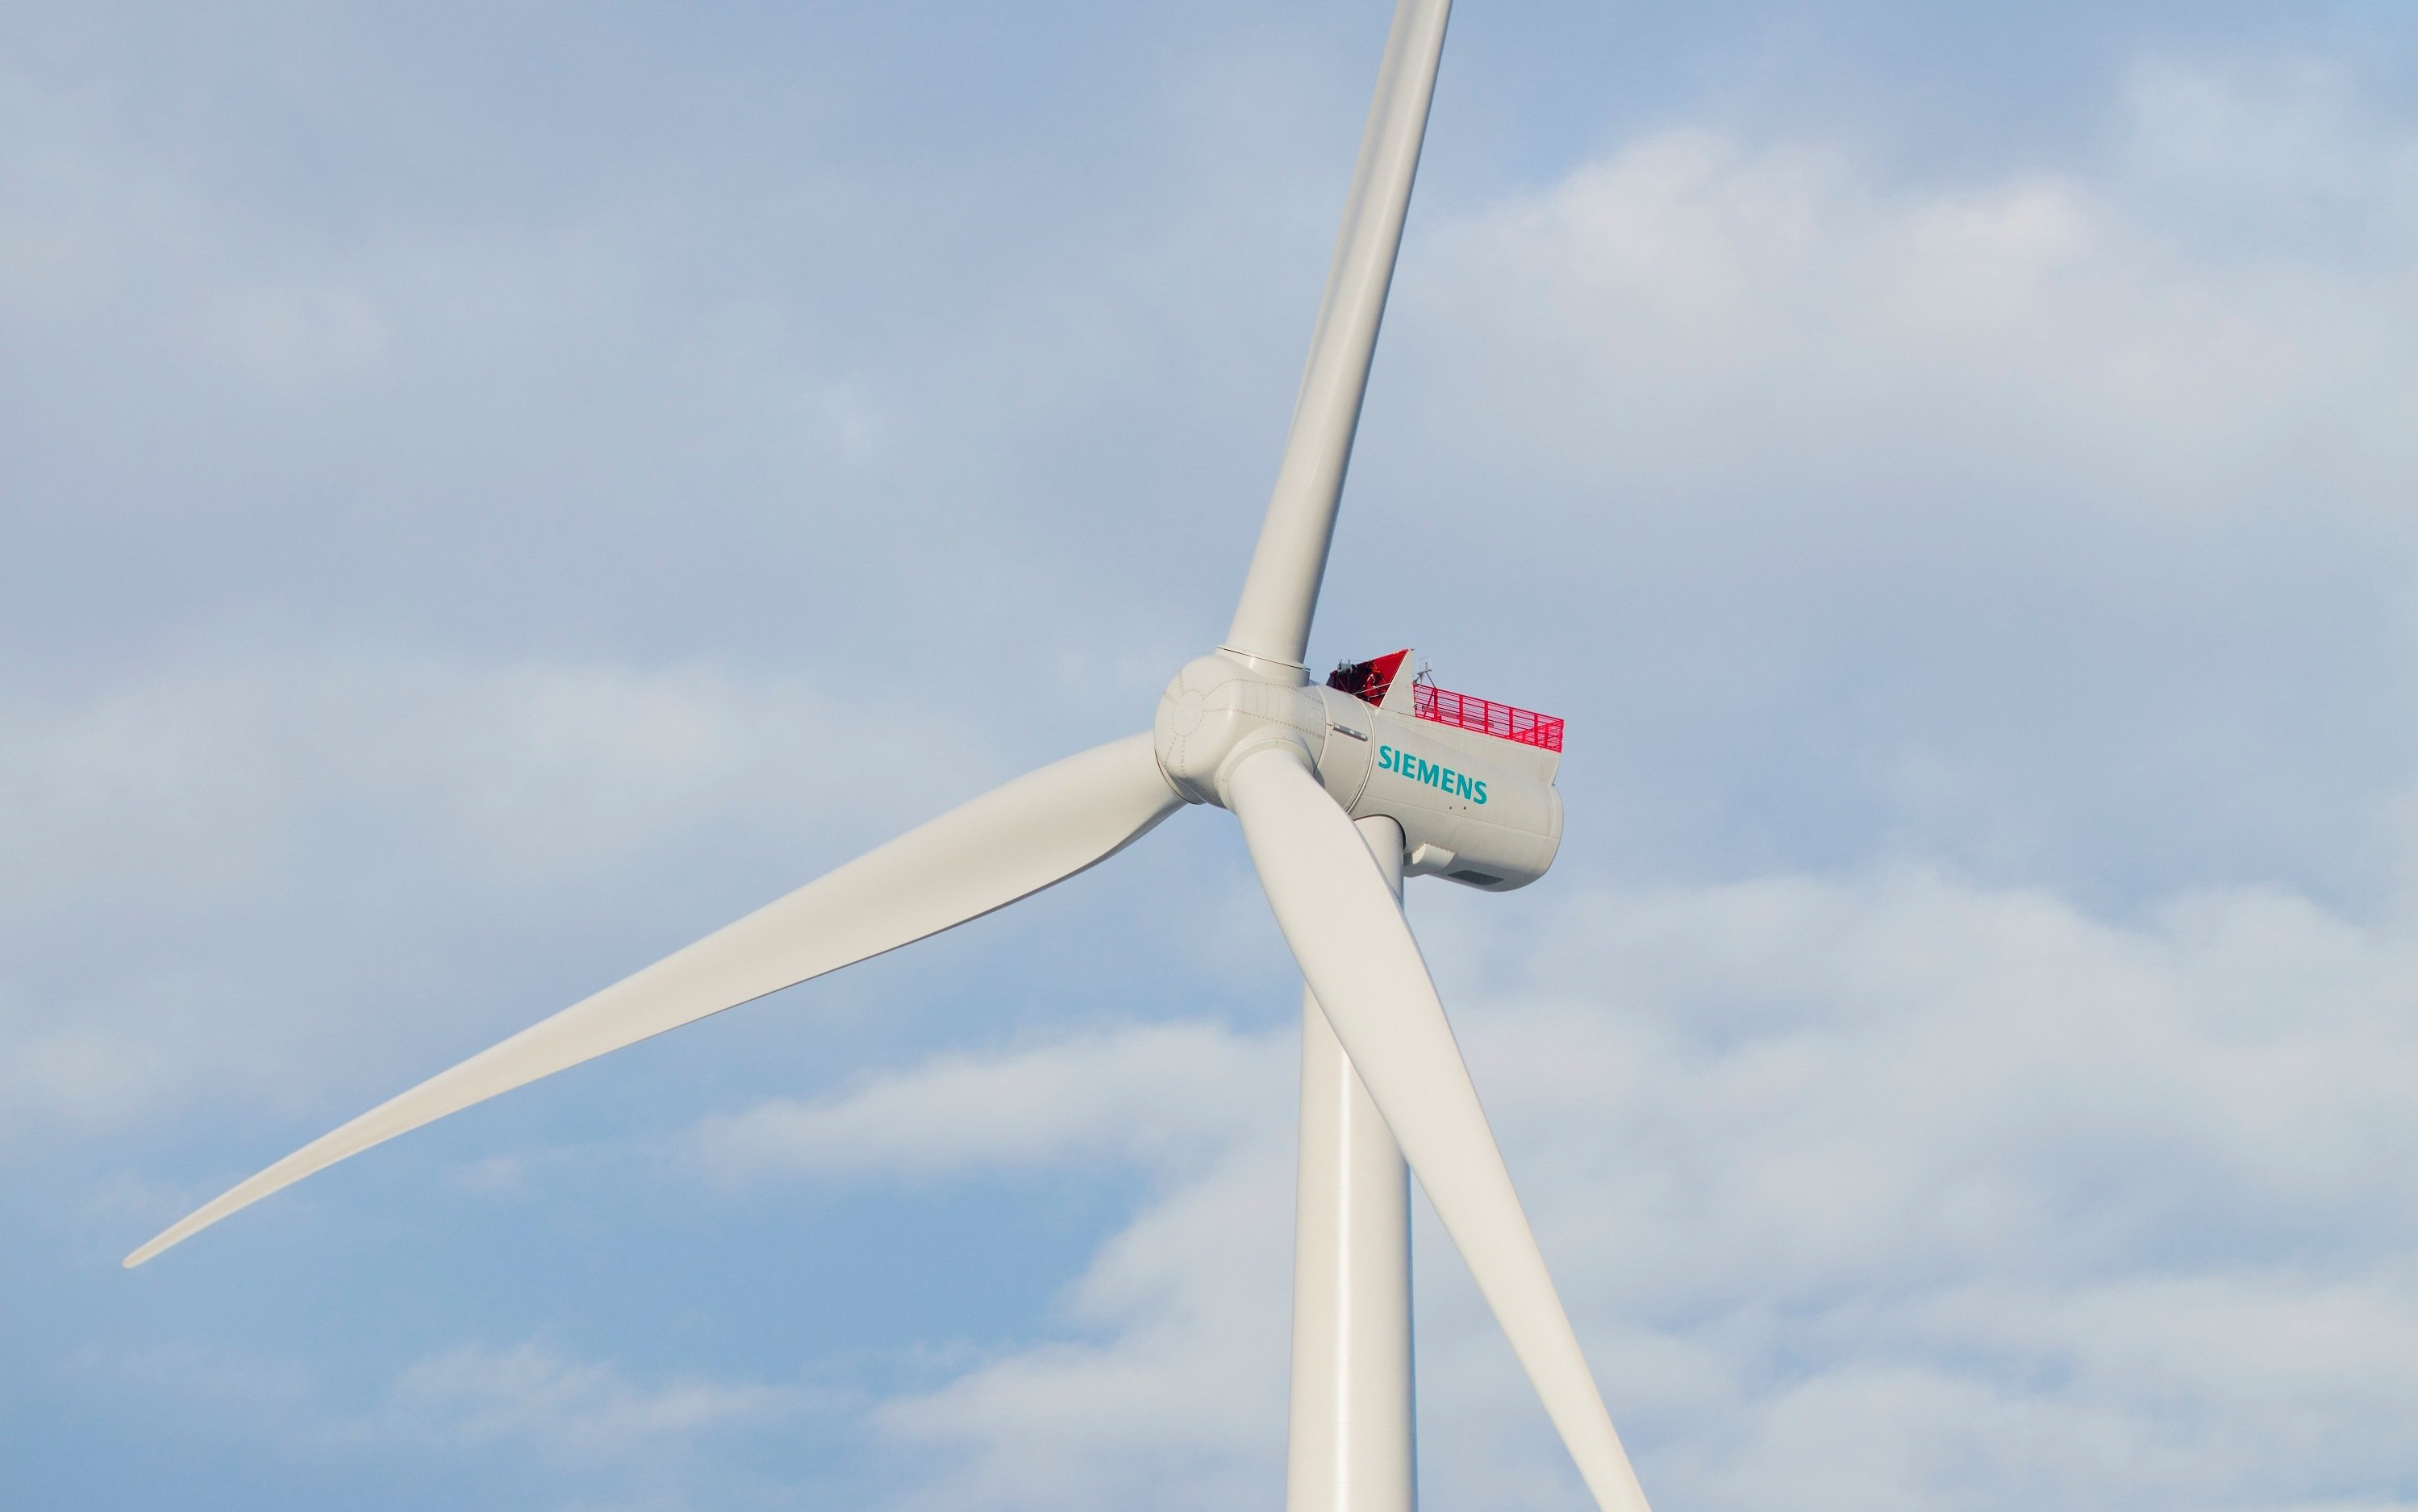 Diese 7-MW-Anlage von Siemens soll 2017 in Serie gehen.